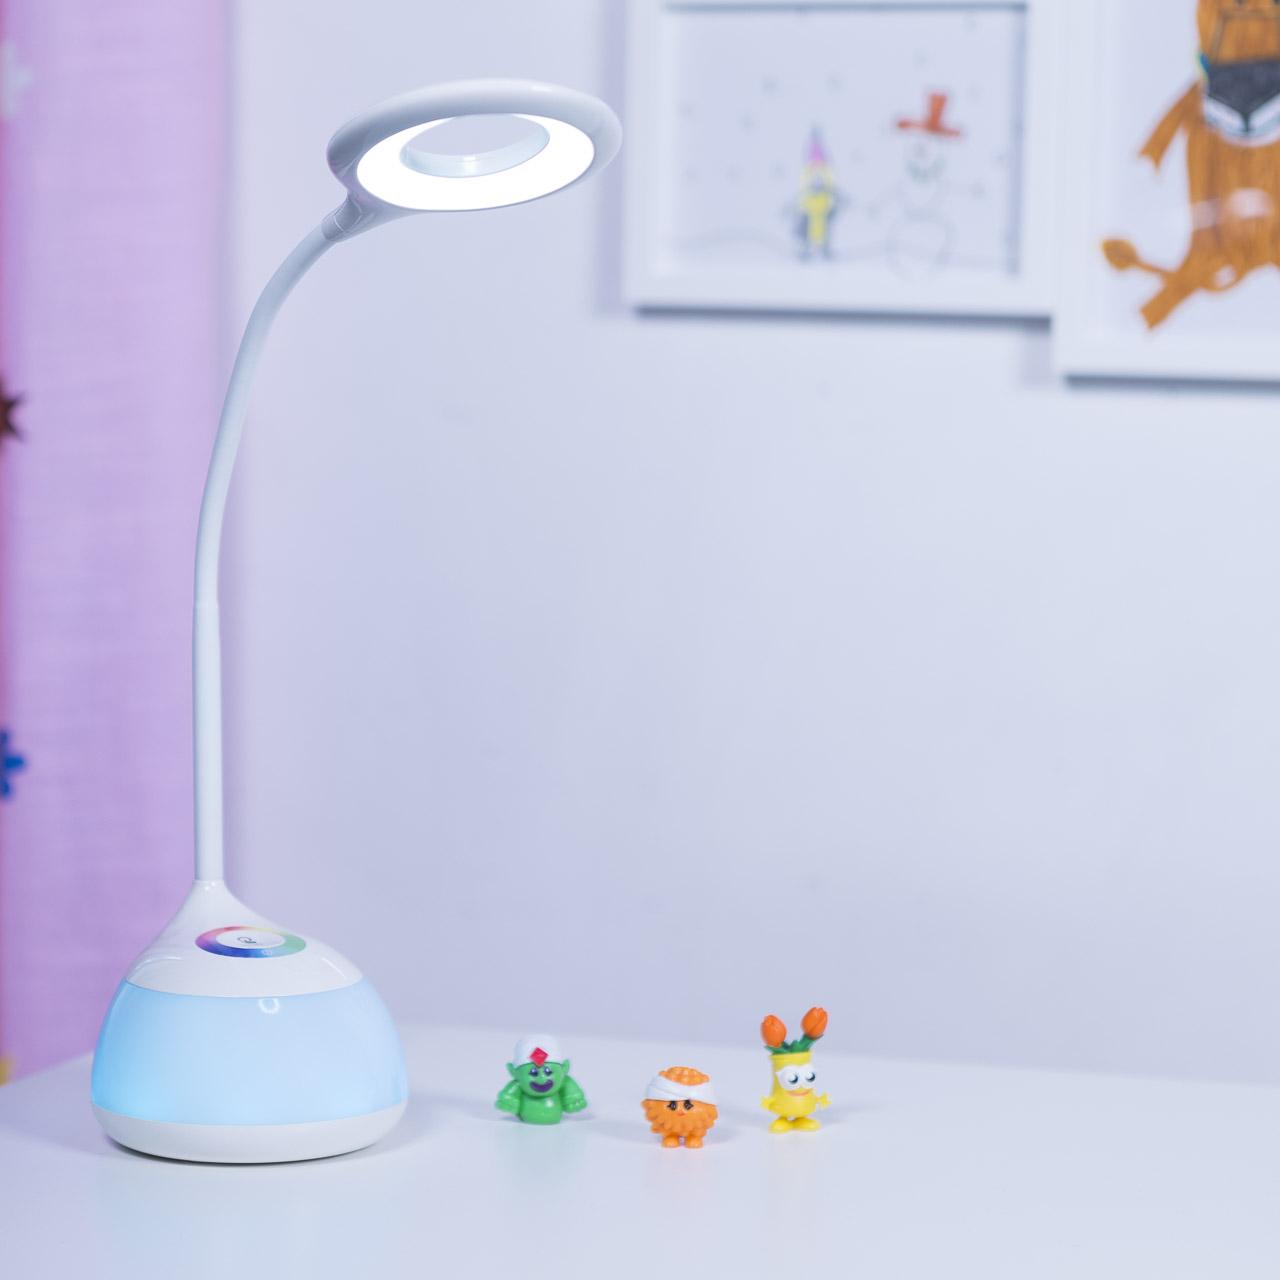 mobile lampen f r kinder bequem online bestellen limundo. Black Bedroom Furniture Sets. Home Design Ideas